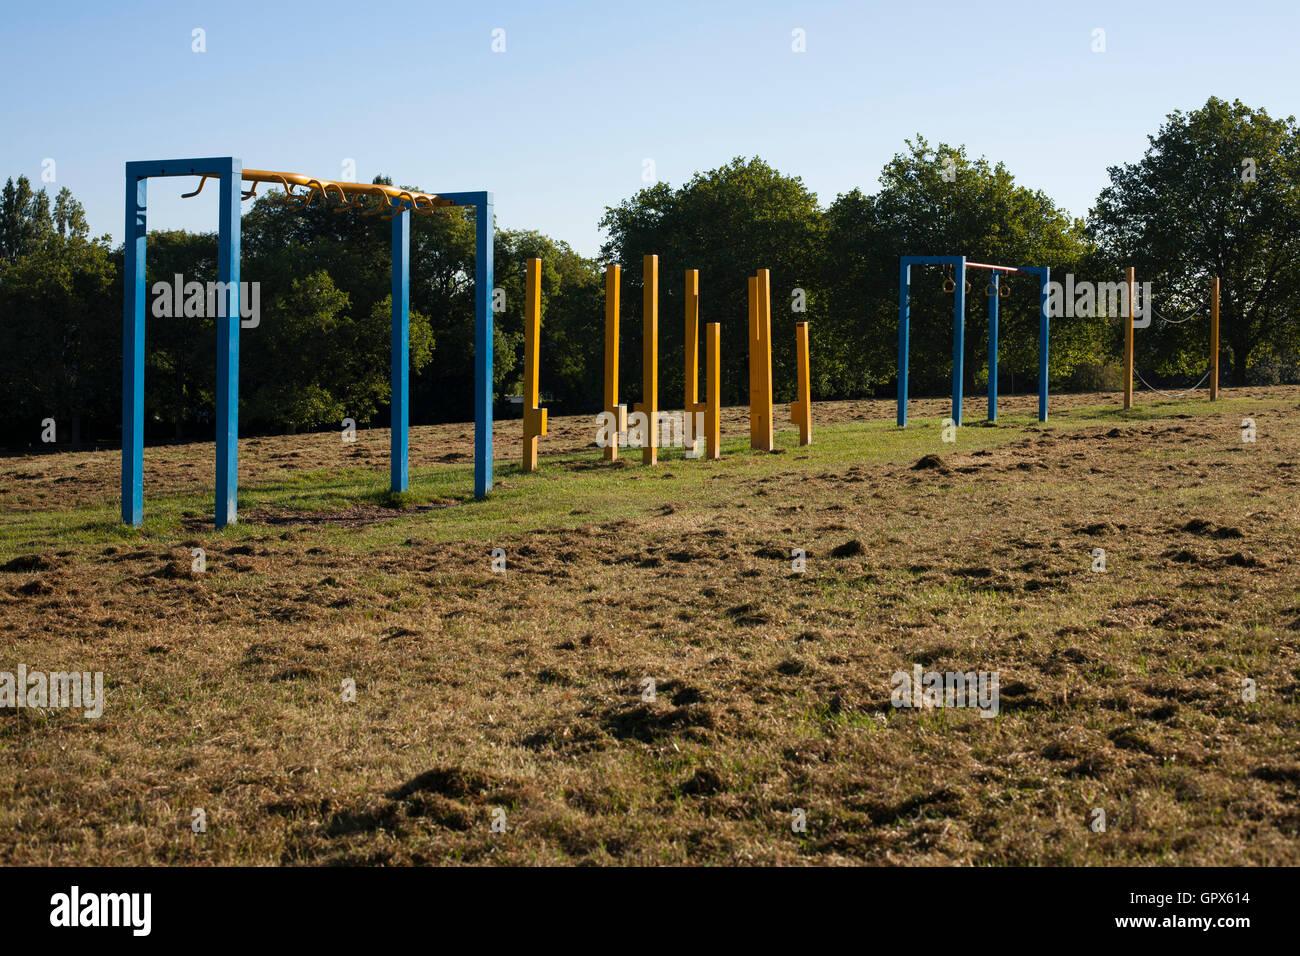 Equipo de ejercicio en campos montañosos Park, Londres. Imagen De Stock